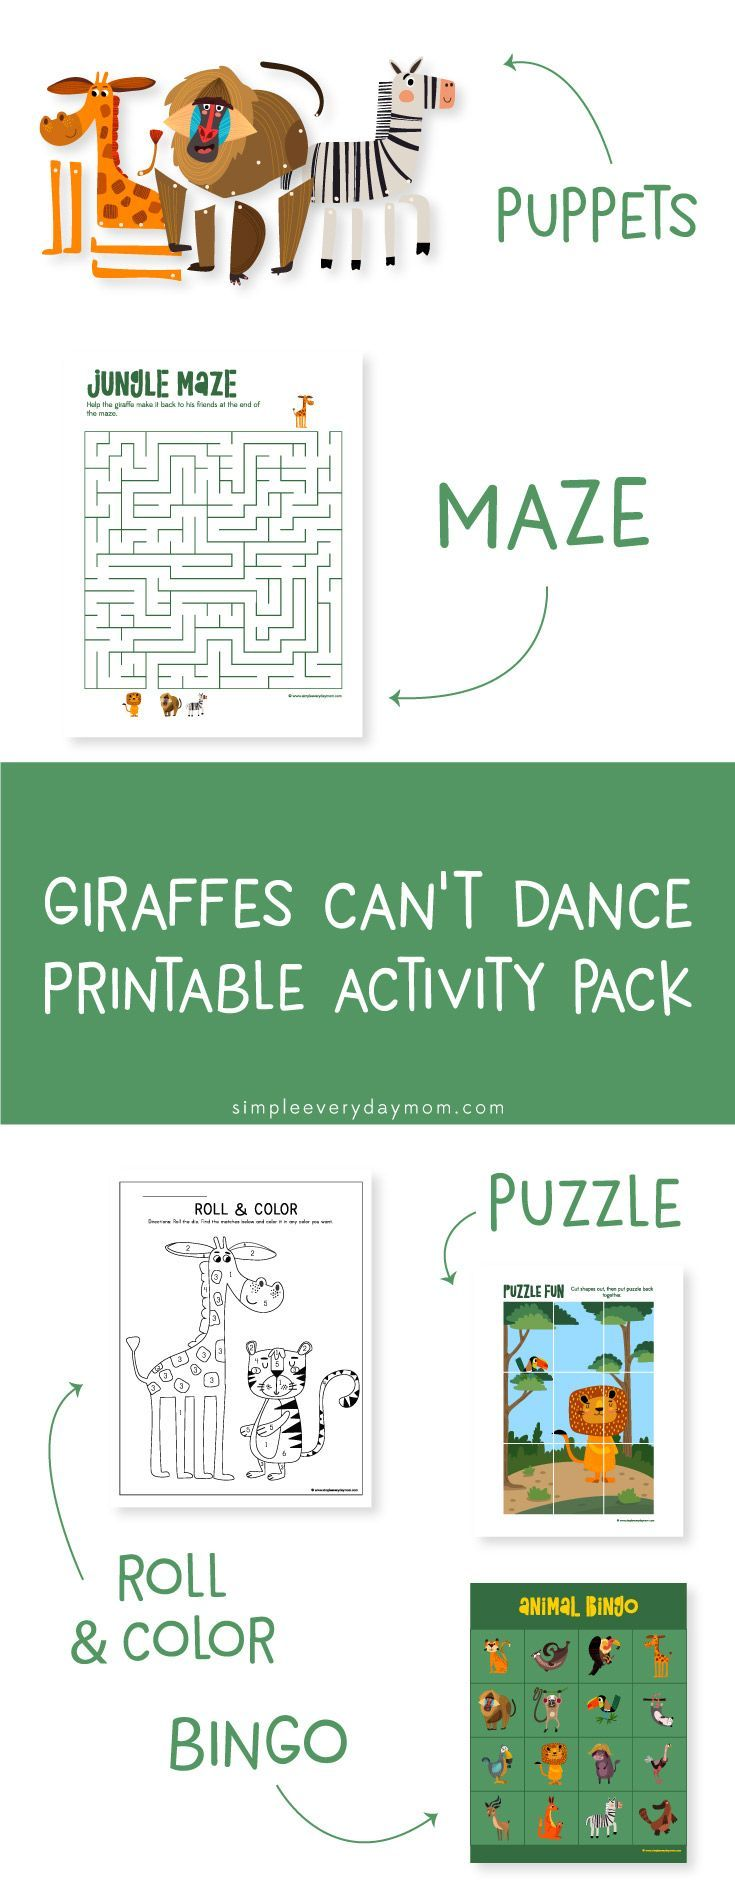 Giraffes Can T Dance Activities Kindergarten Printables Preschool Activi Printable Activities For Kids Preschool Craft Activities Craft Activities For Kids [ 1885 x 735 Pixel ]